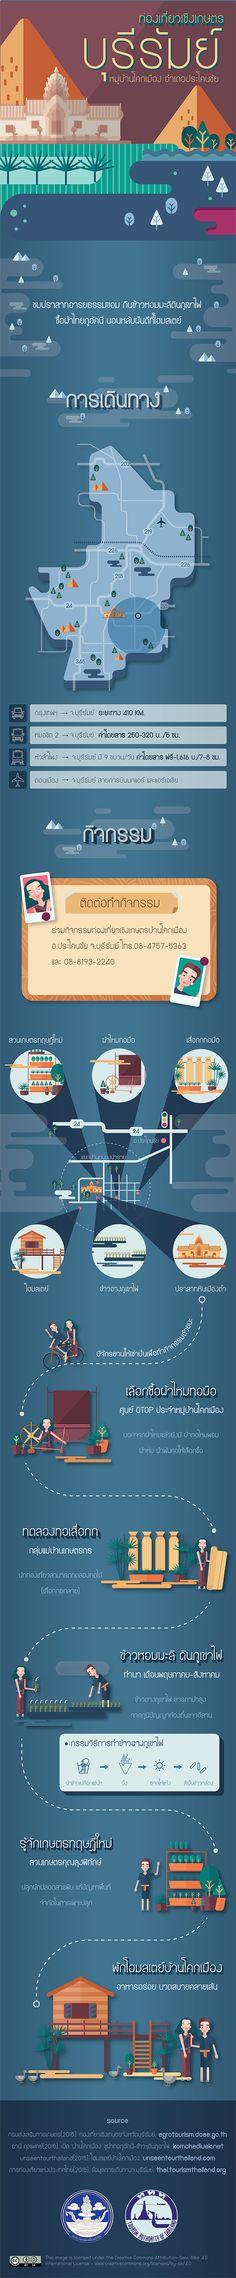 #infofed กิจกรรมท่องเที่ยวเชิงเกษตร  ให้จักรยานพาคุณไป ในหมู่บ้านโคกเมือง จ.บุรีรัมย์ เส้นทาง : http://www.infofed.com/infographic/BuriramInfographic.png